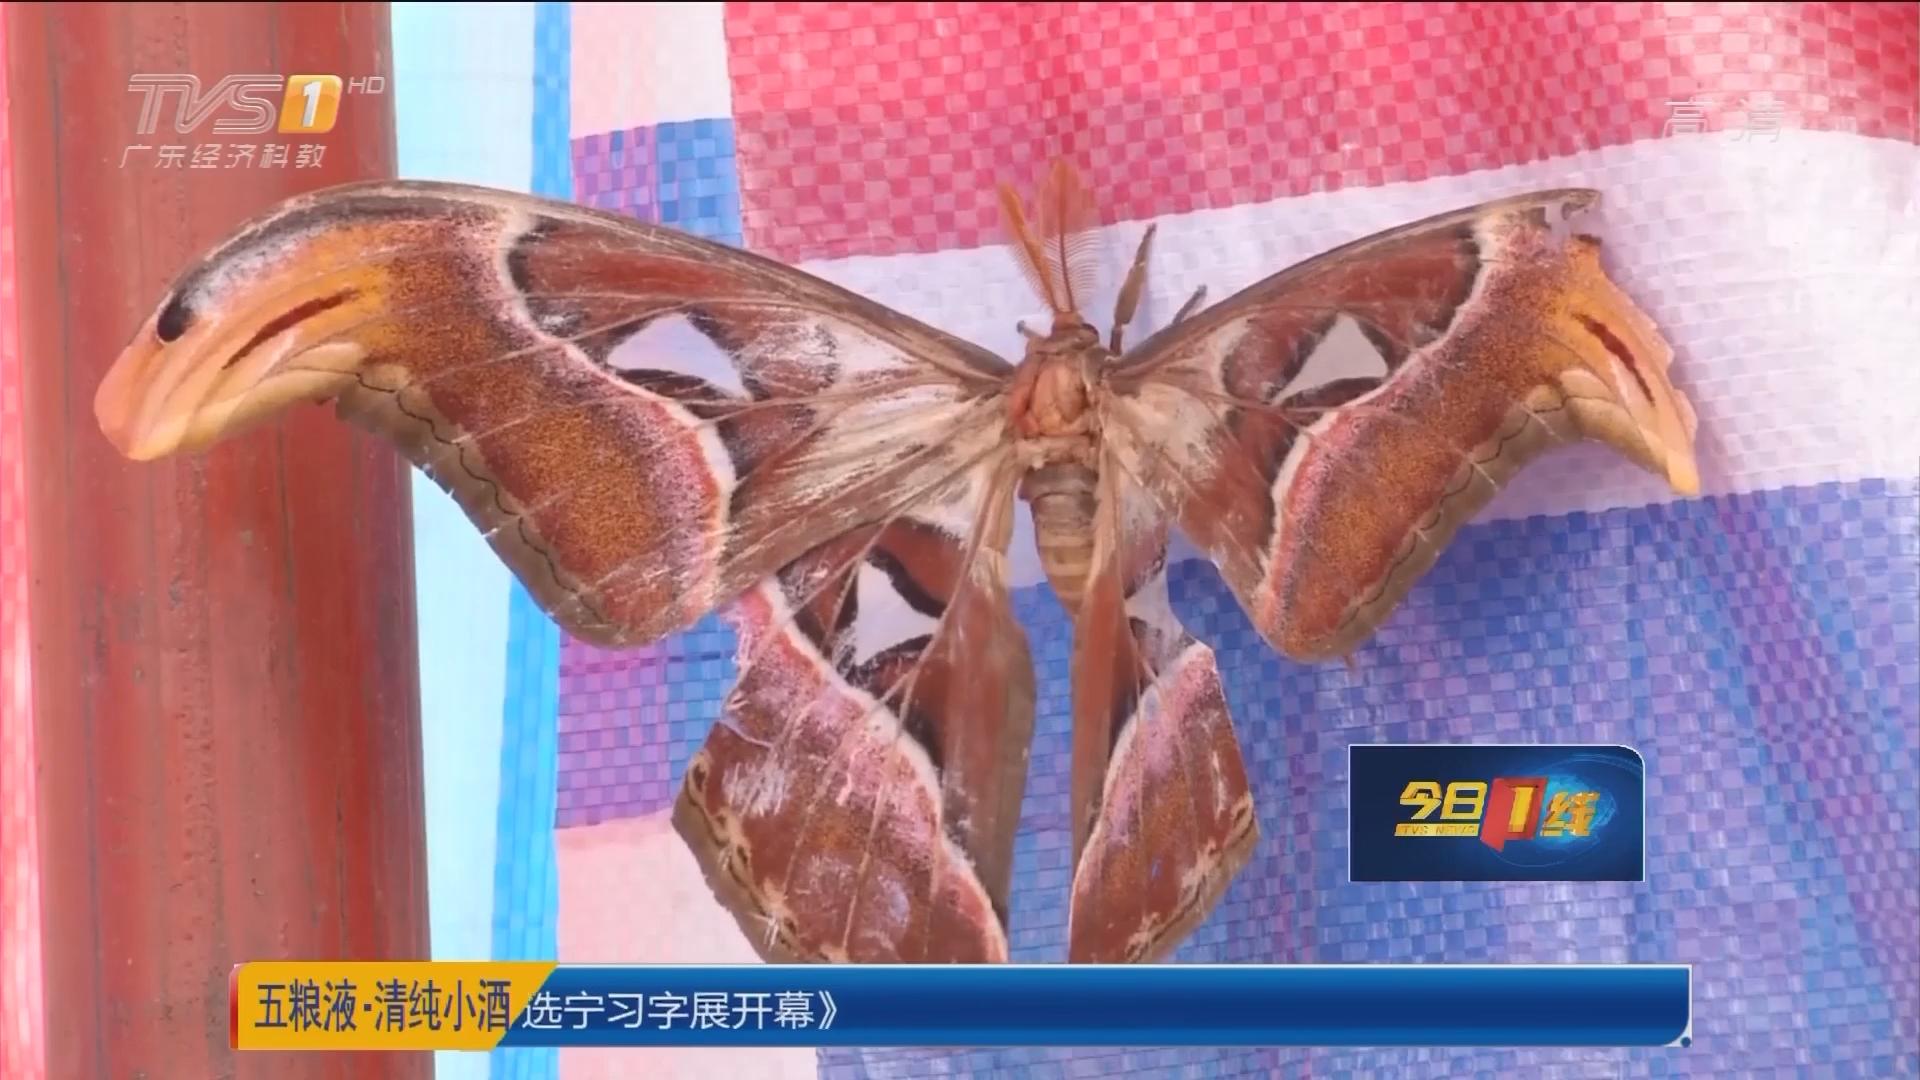 韶关始兴县司前镇:工地惊现巨型彩蝶 长达23公分